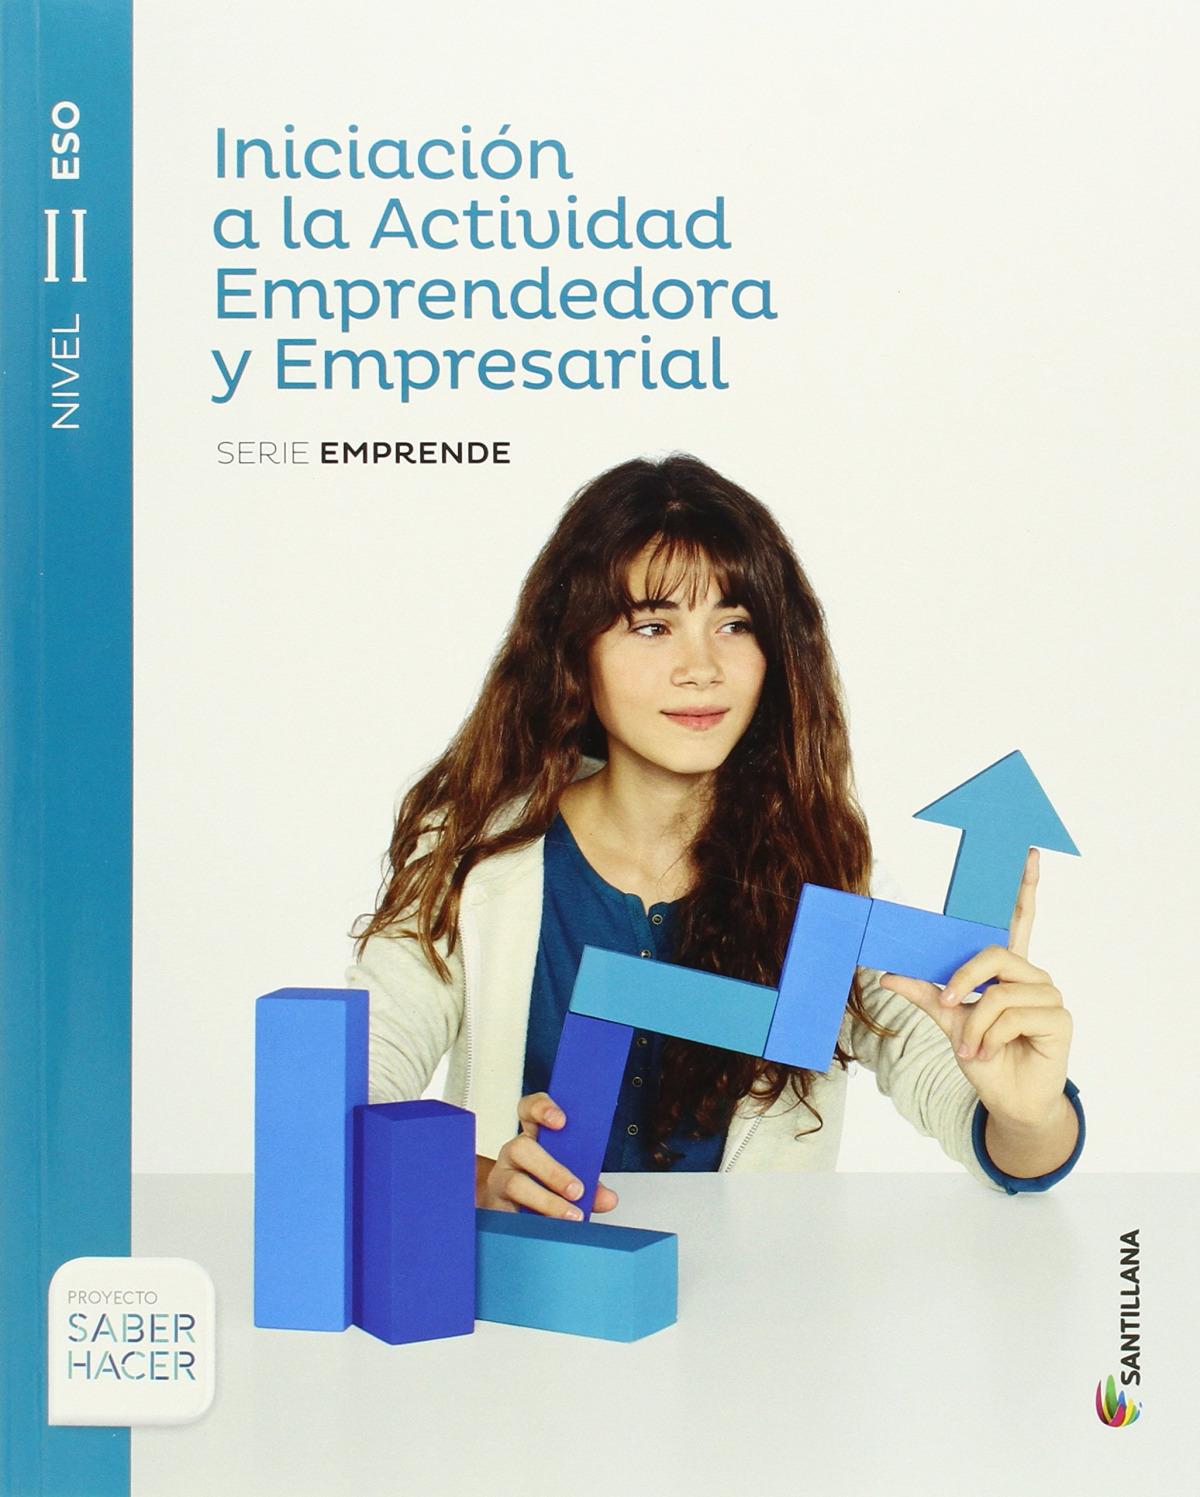 INICIACIÓN A LA ACTIVIDAD EMPRESARIAL II CAST 9788468018676